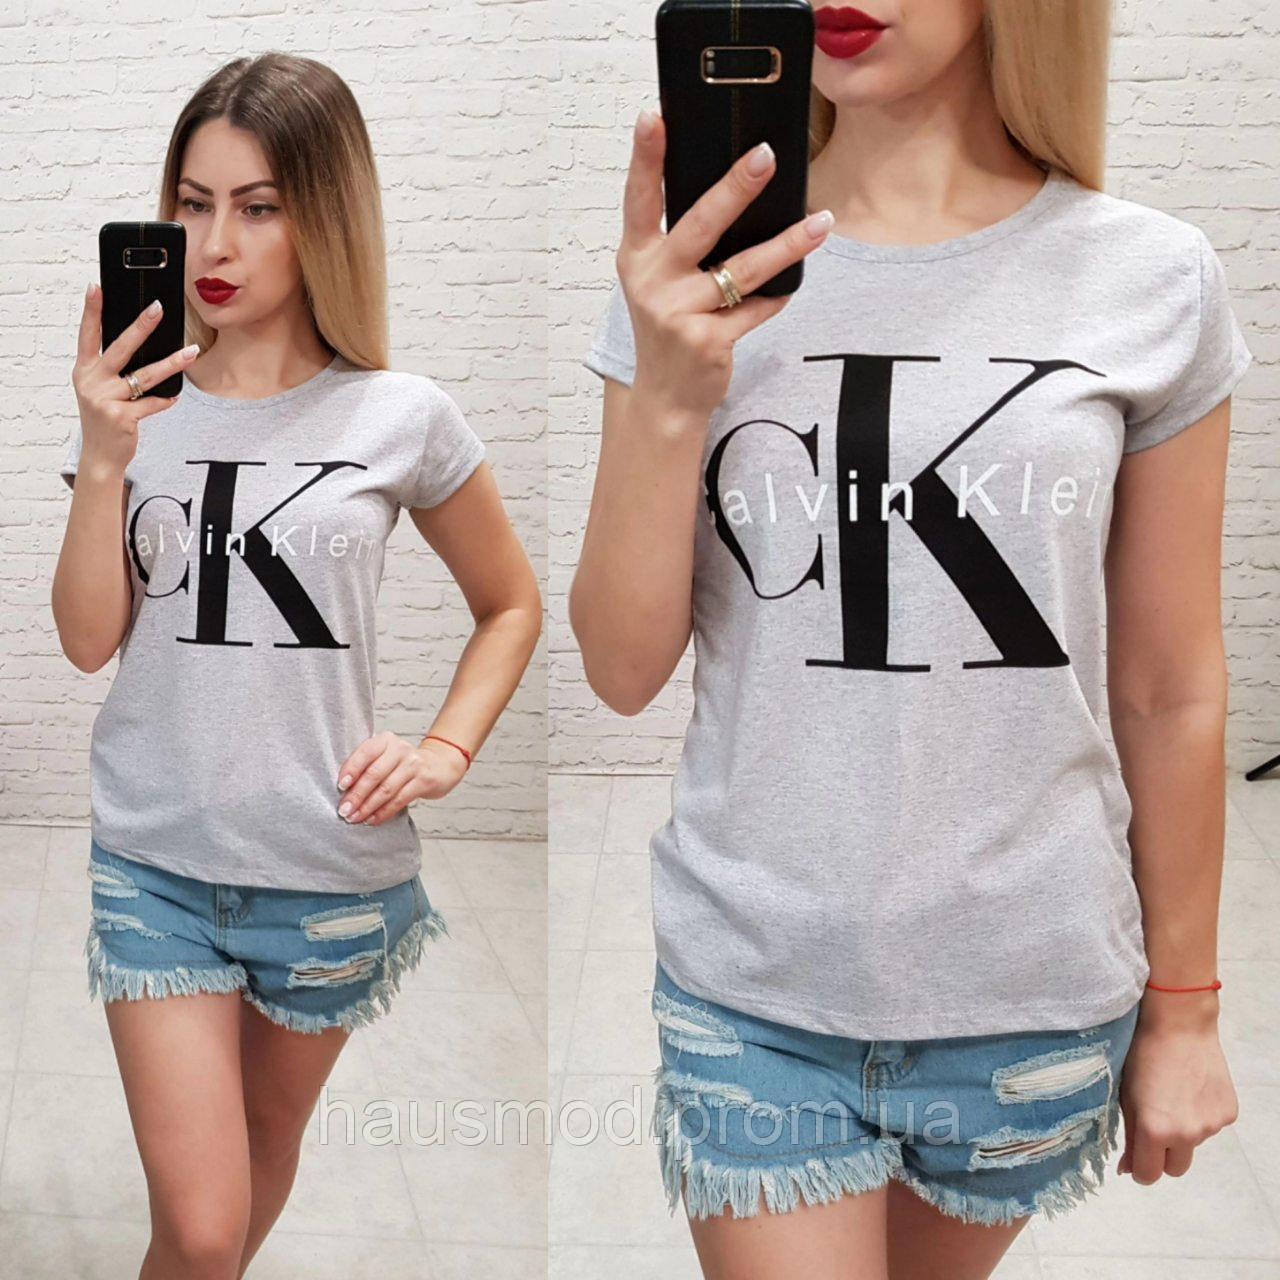 bc065fa6e4809 Женская стильная летняя футболка 100% катон реплика Calvin Klein Турция  серая -